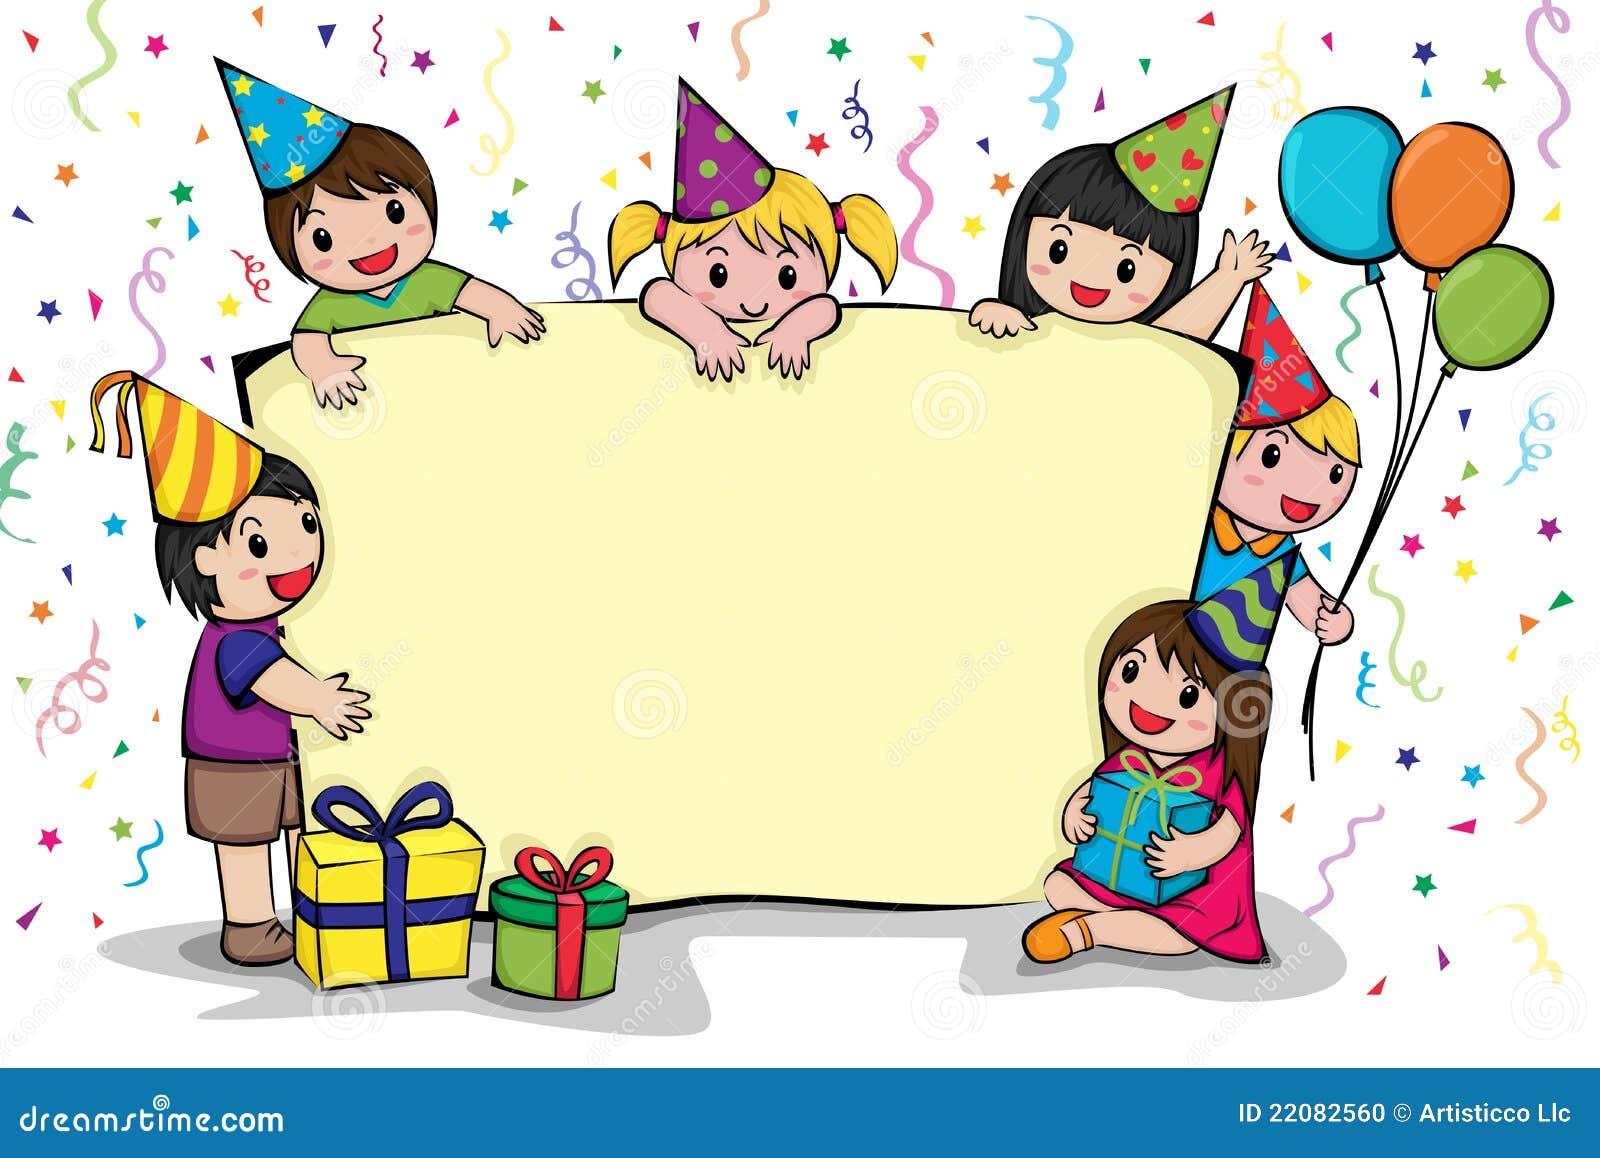 Top Invito Della Festa Di Compleanno Illustrazione Vettoriale  KI98